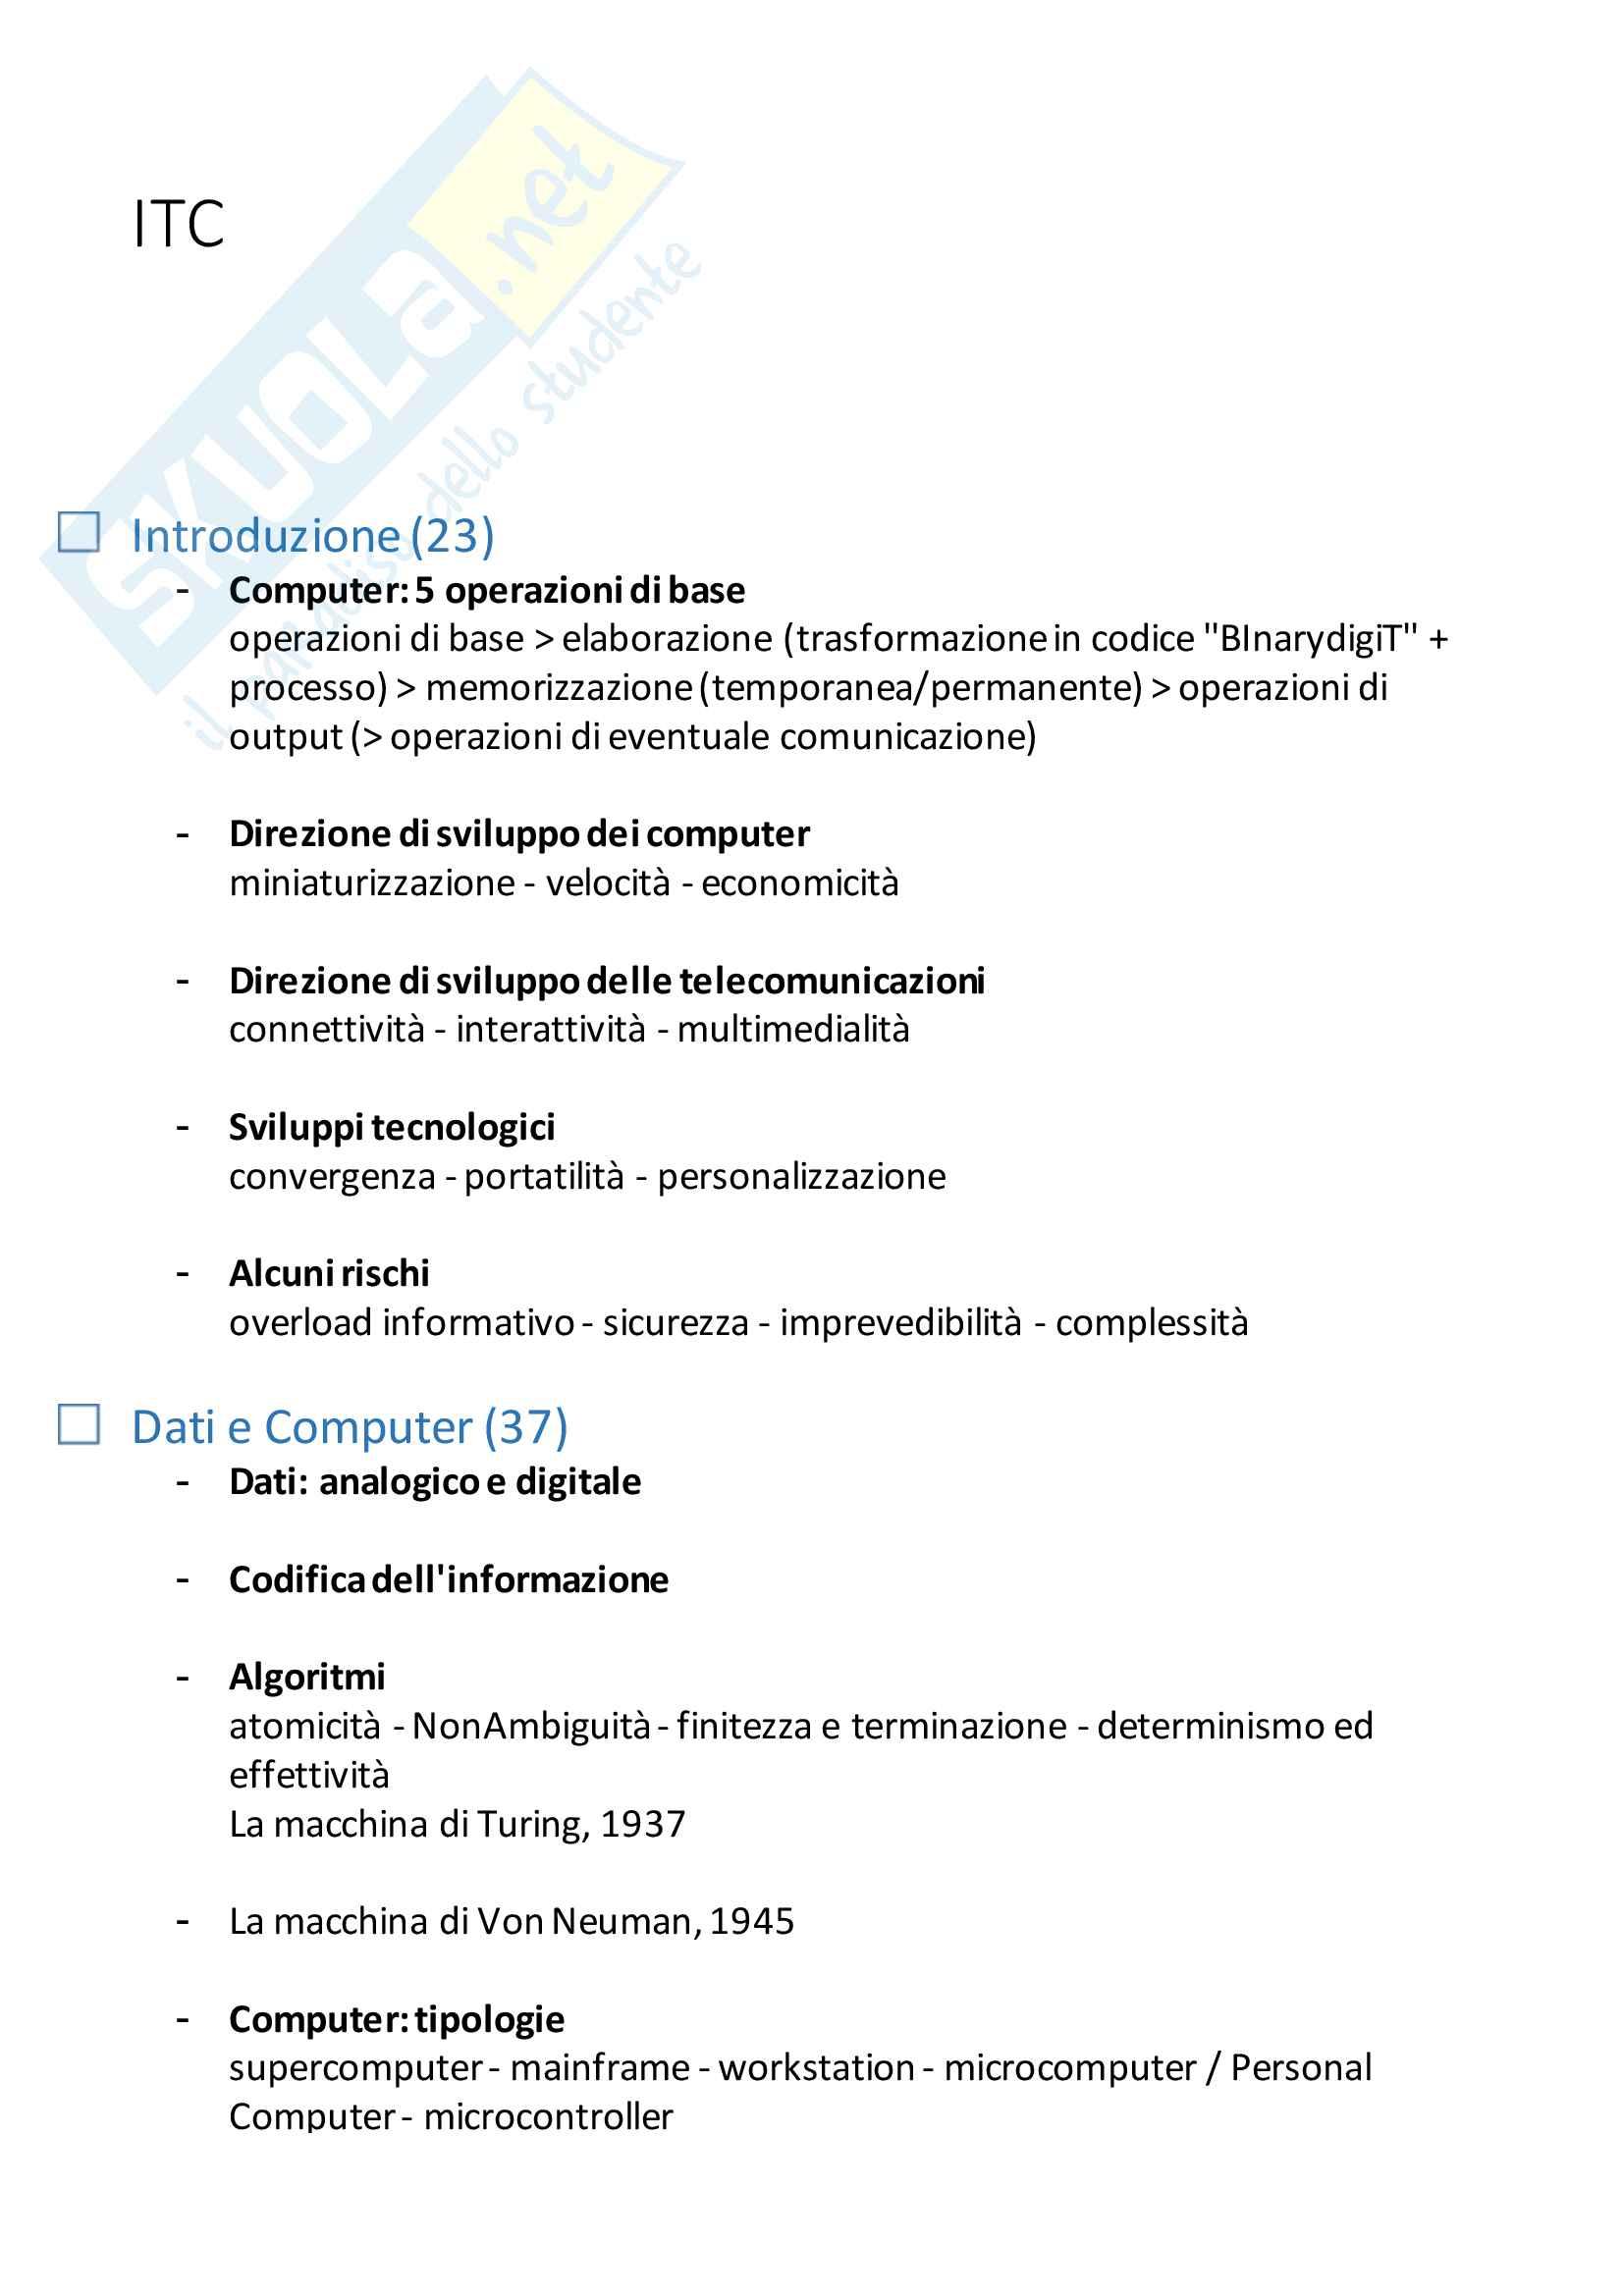 Riassunto esame Informatica per la comunicazione (parte teorica), docente CUMAN, libro consigliato ITC e società dell'informazione, Carignani, Frigerio, Rajola